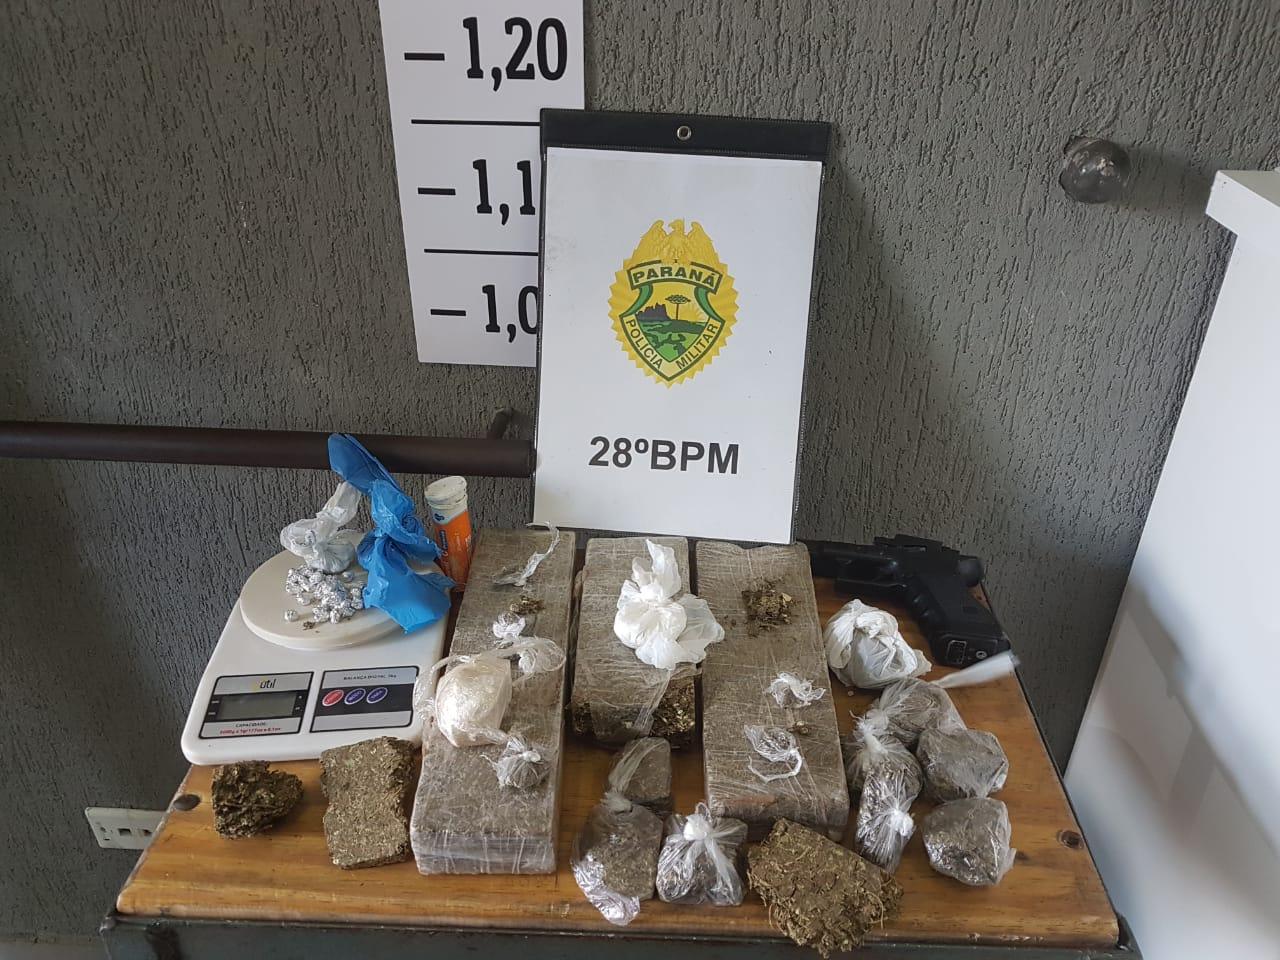 PM da Lapa prende homem com moto furtada e grande quantidade de drogas